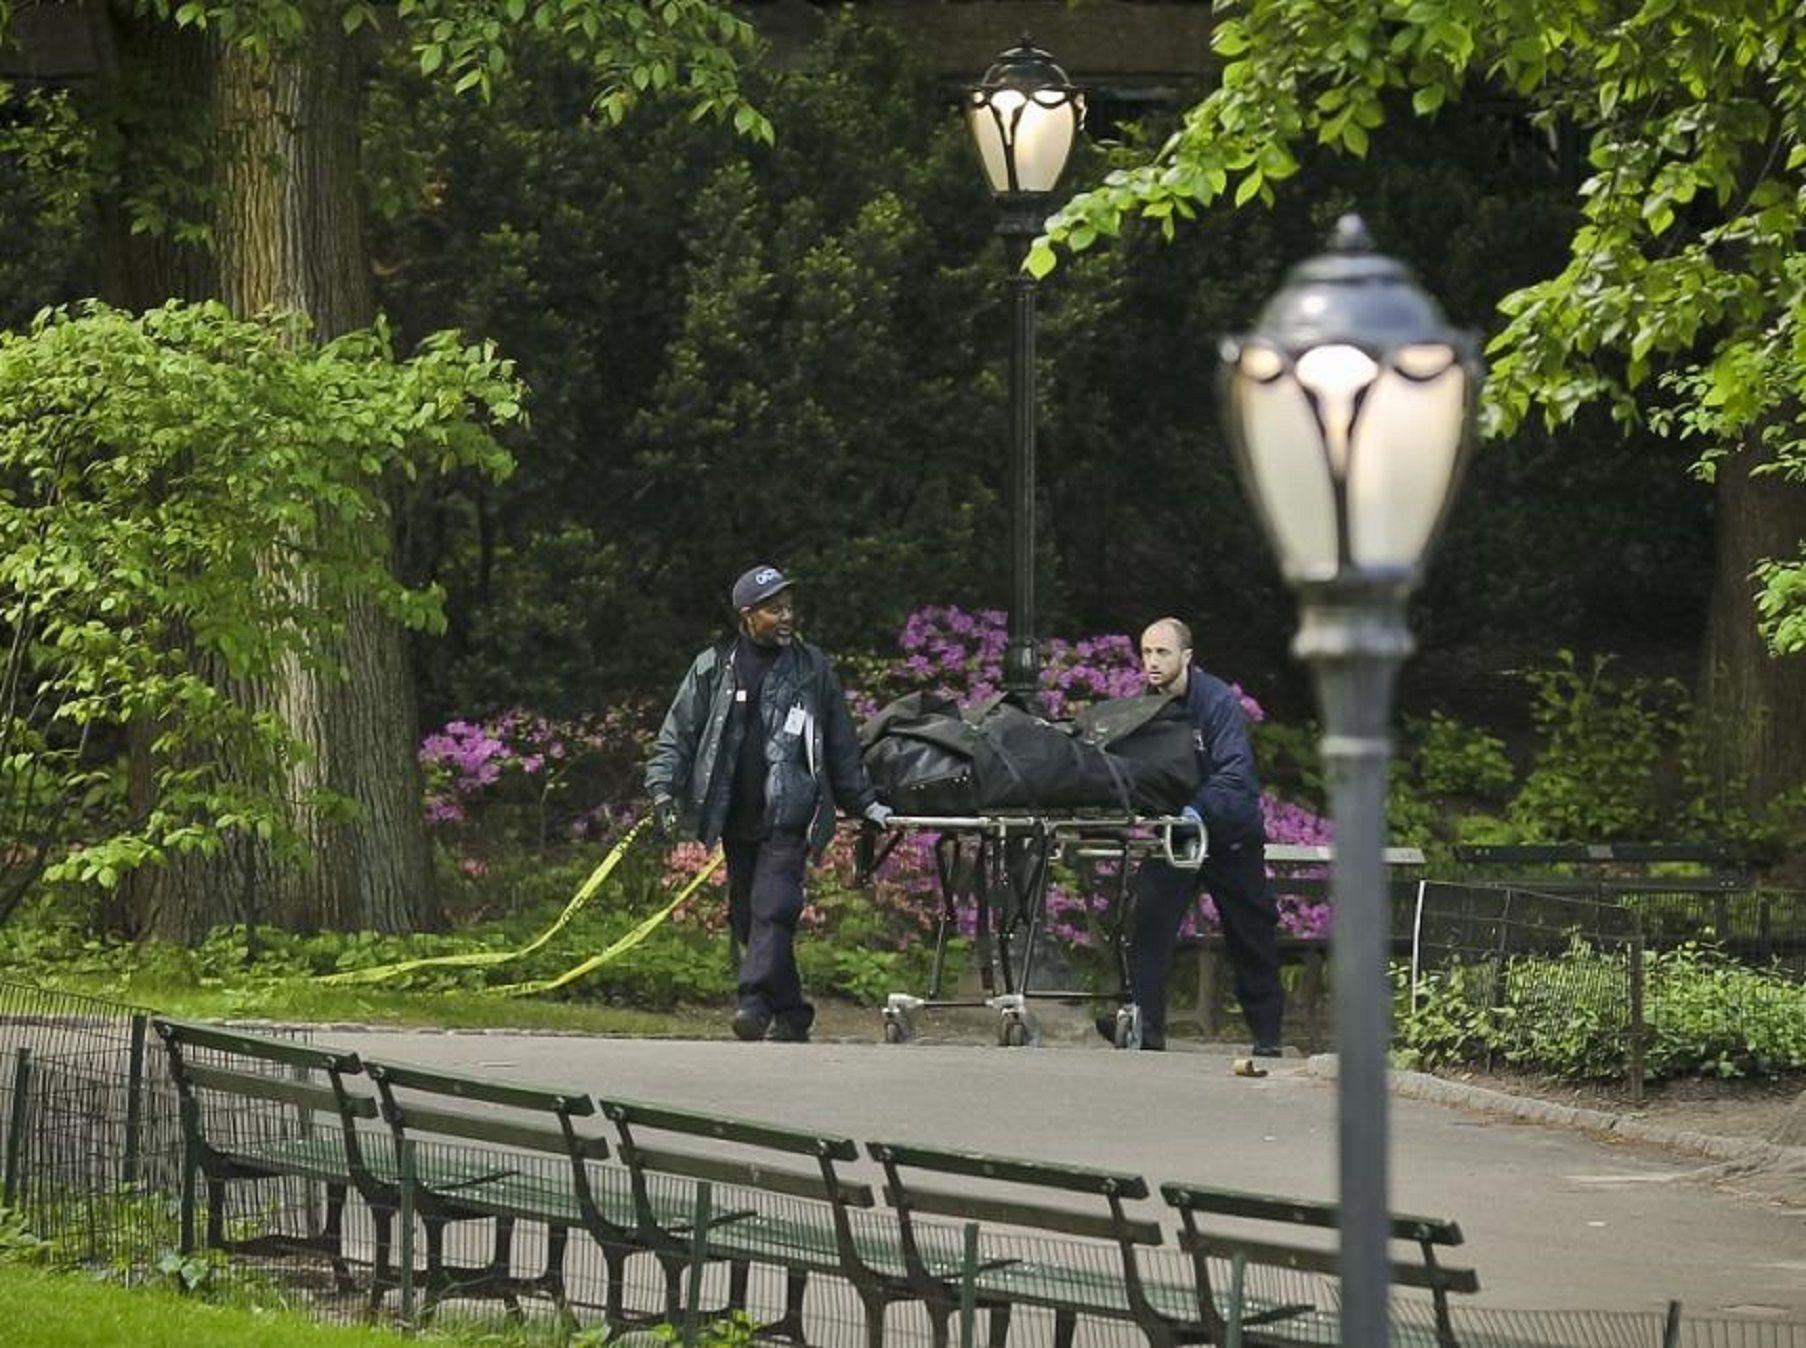 Hallaron dos cuerpos dentro del Central Park de Nueva York